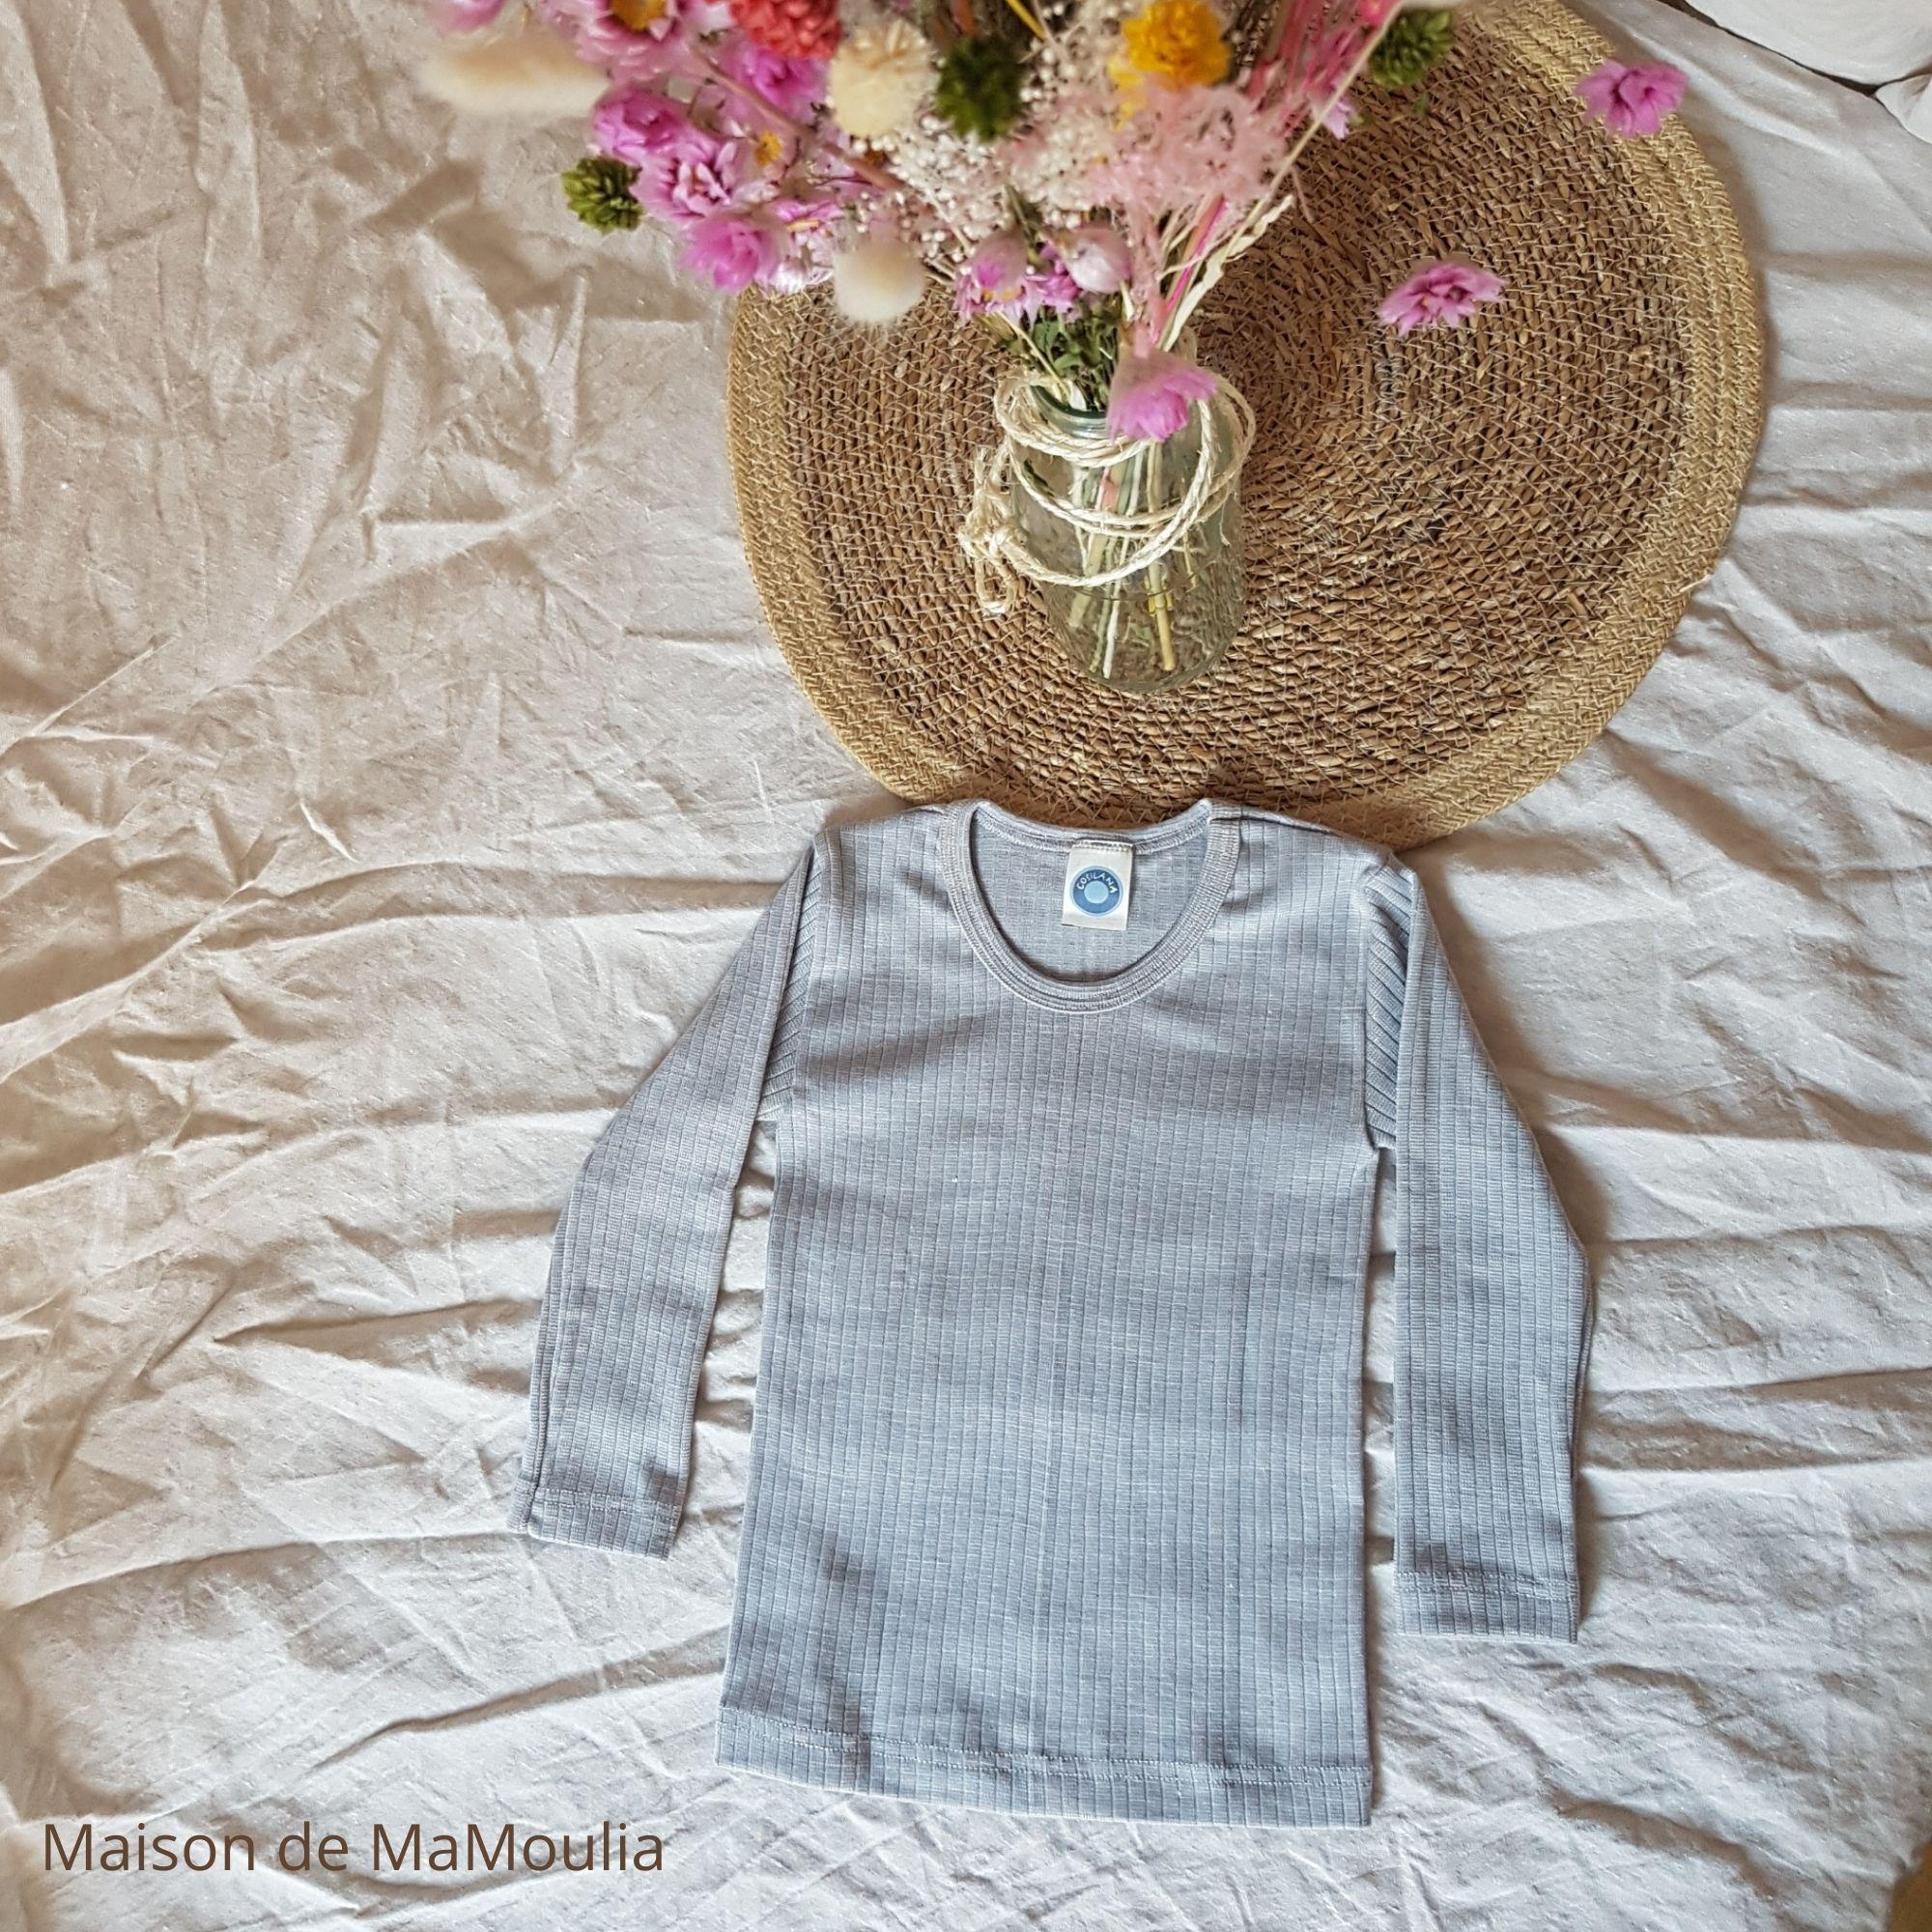 COSILANA - T-shirt manches longues - Laine/Soie/Coton bio, Gris